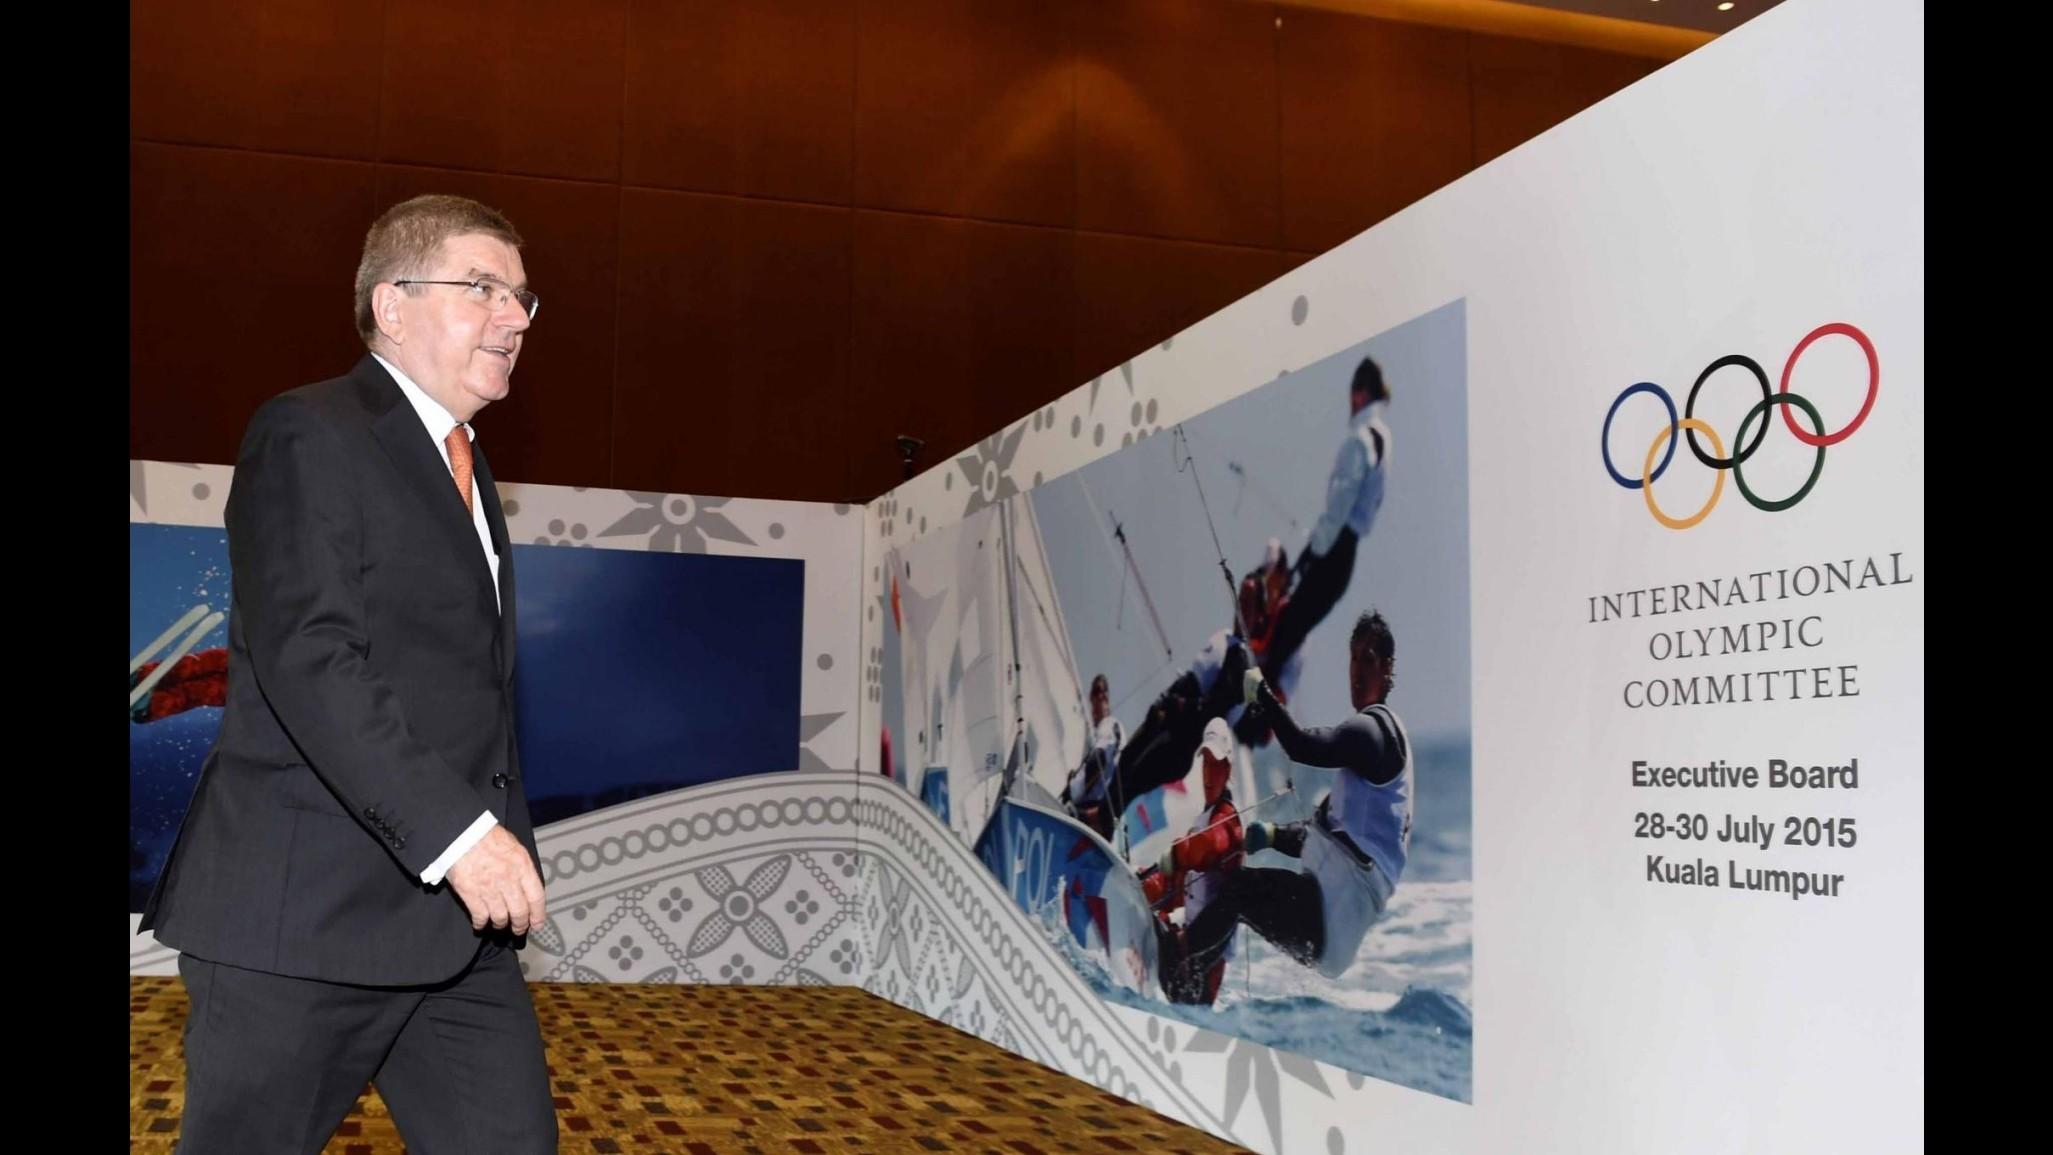 Cio: Fiducia su forte candidatura Usa per i Giochi del 2024